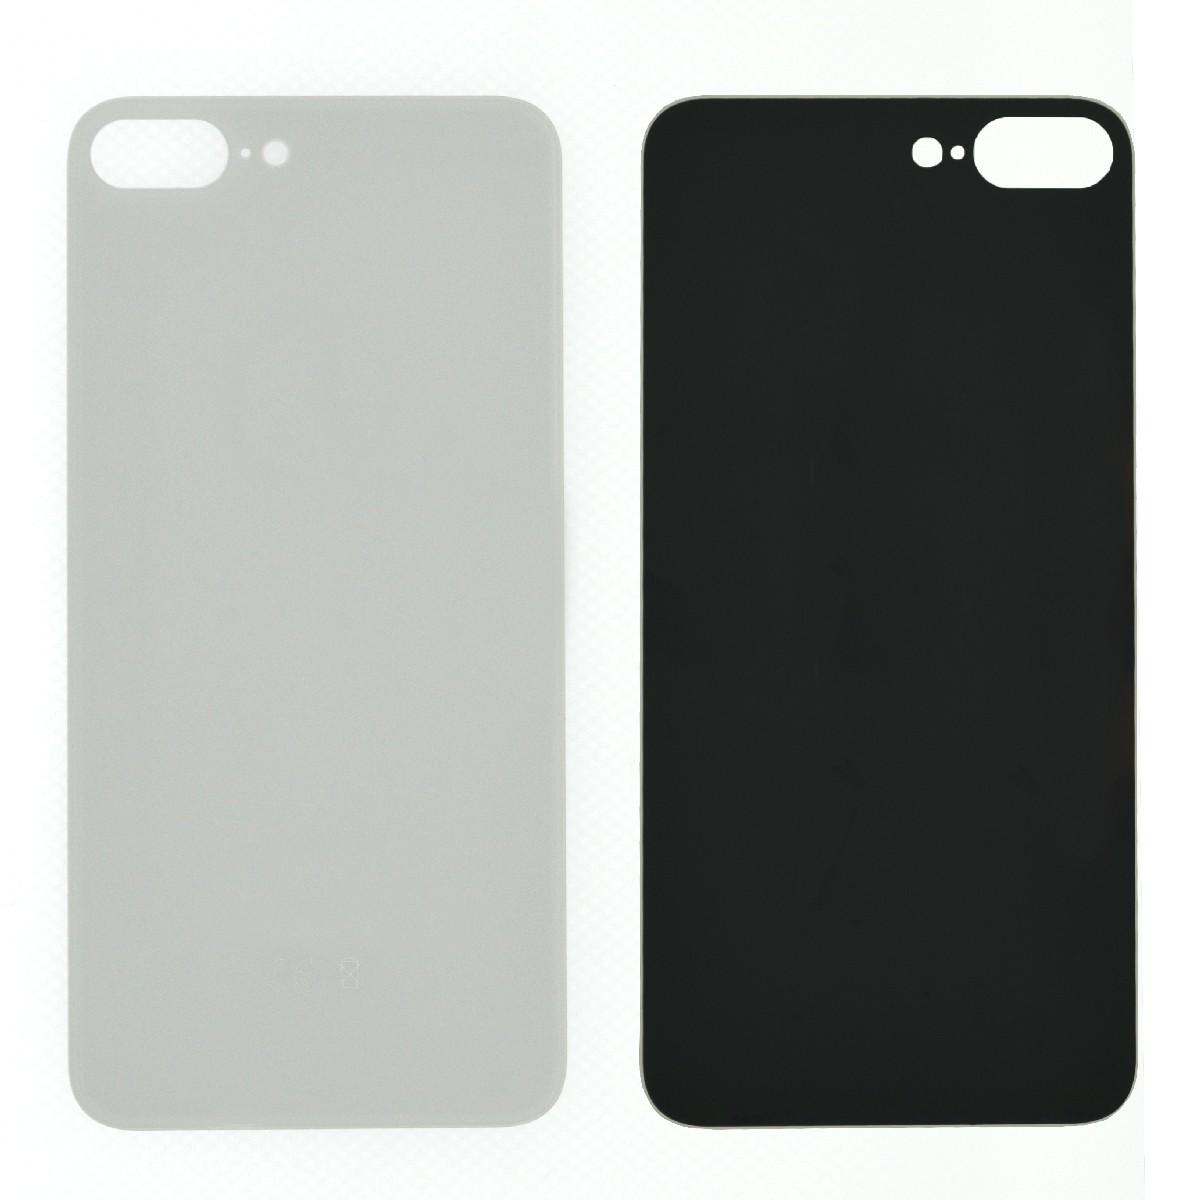 Πίσω Κάλυμμα Apple iPhone 8 Plus Λευκό χωρίς Τζαμάκι Κάμερας OEM